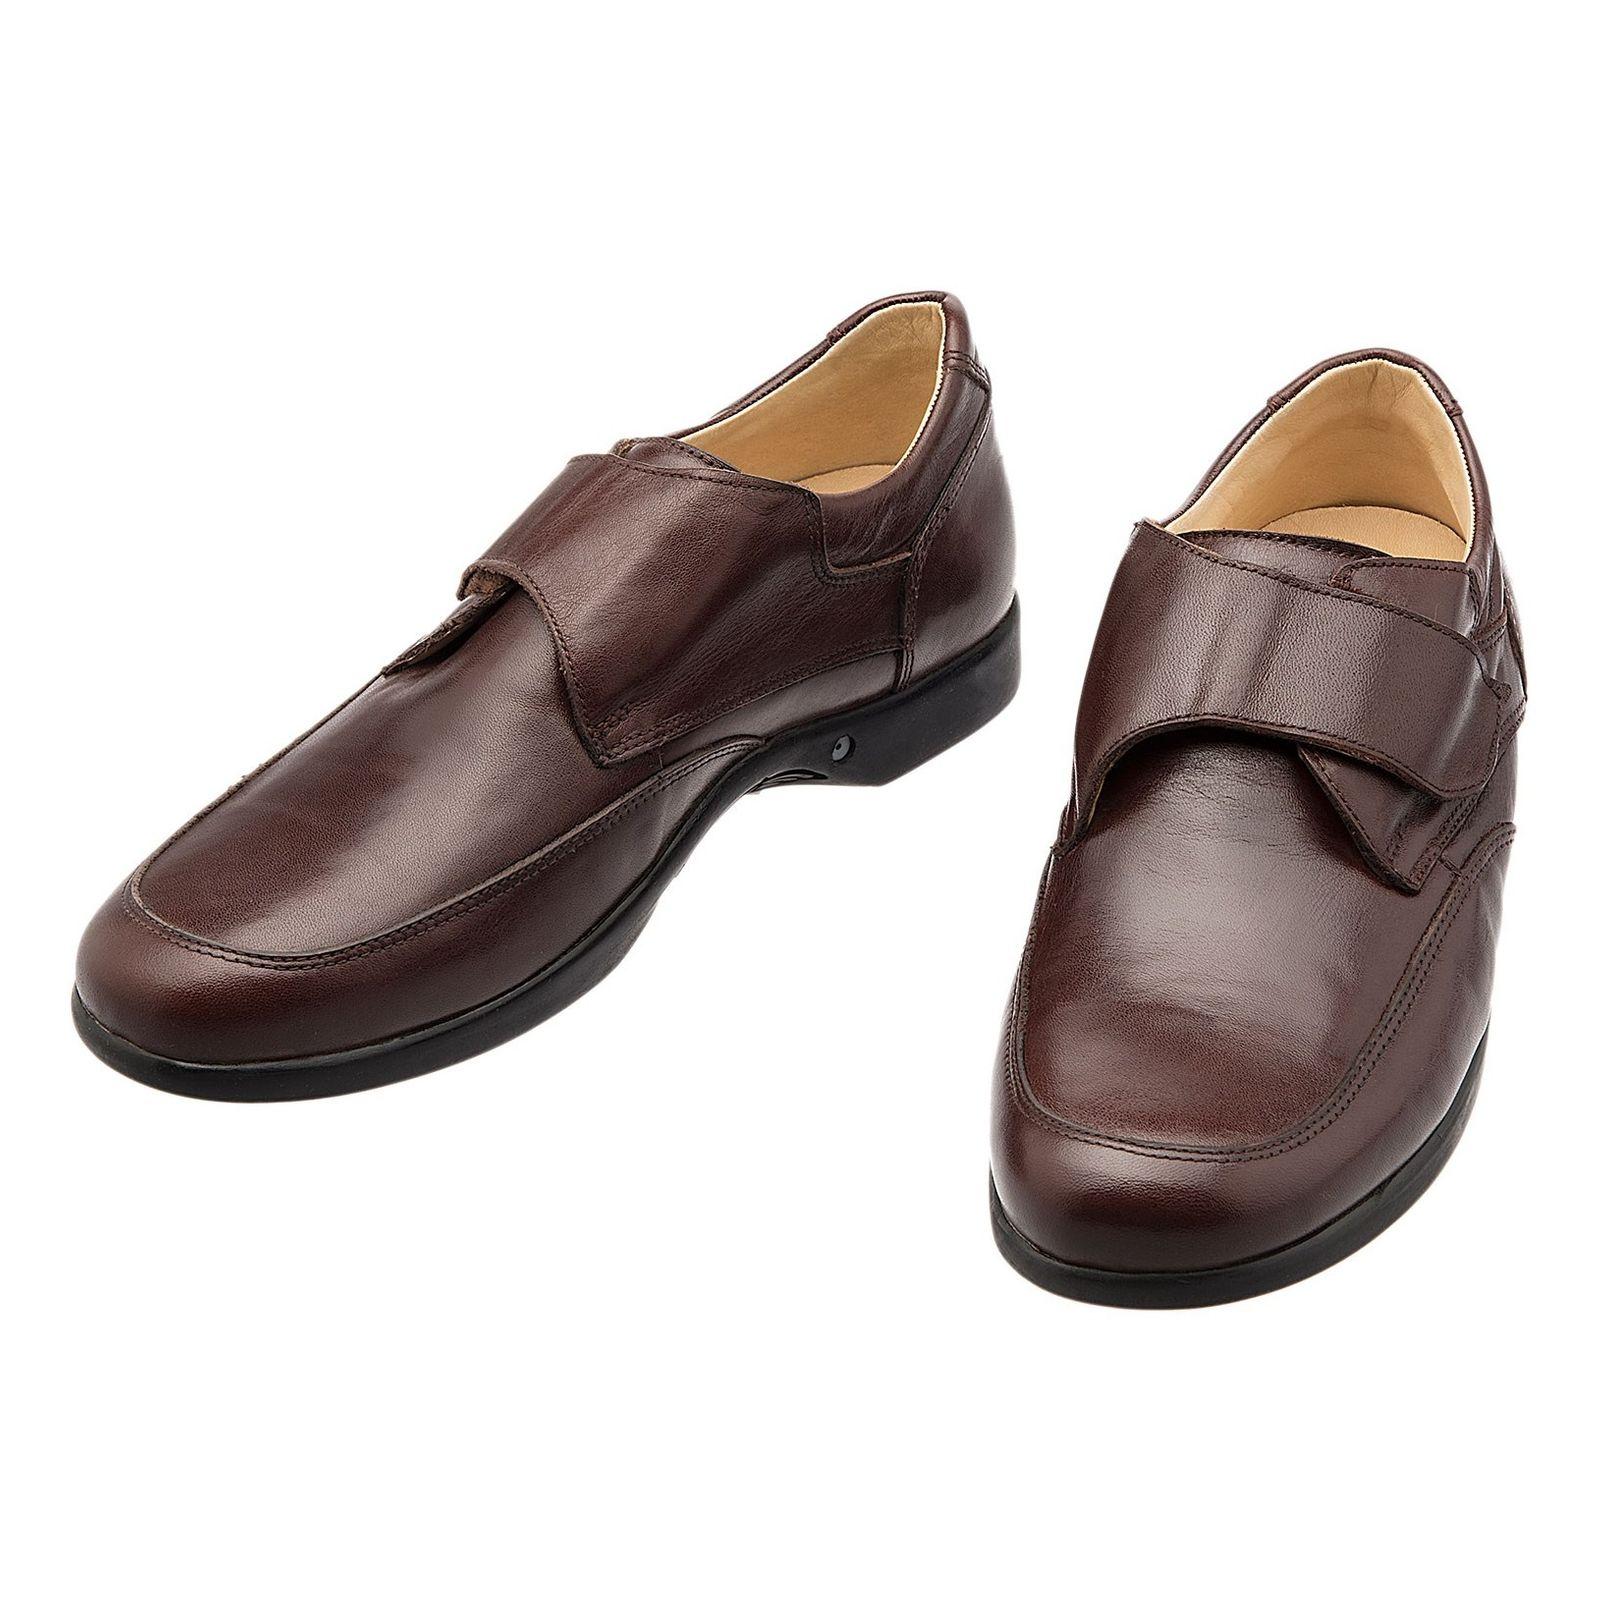 کفش اداری چرم مردانه - شهر چرم - قهوه اي - 4